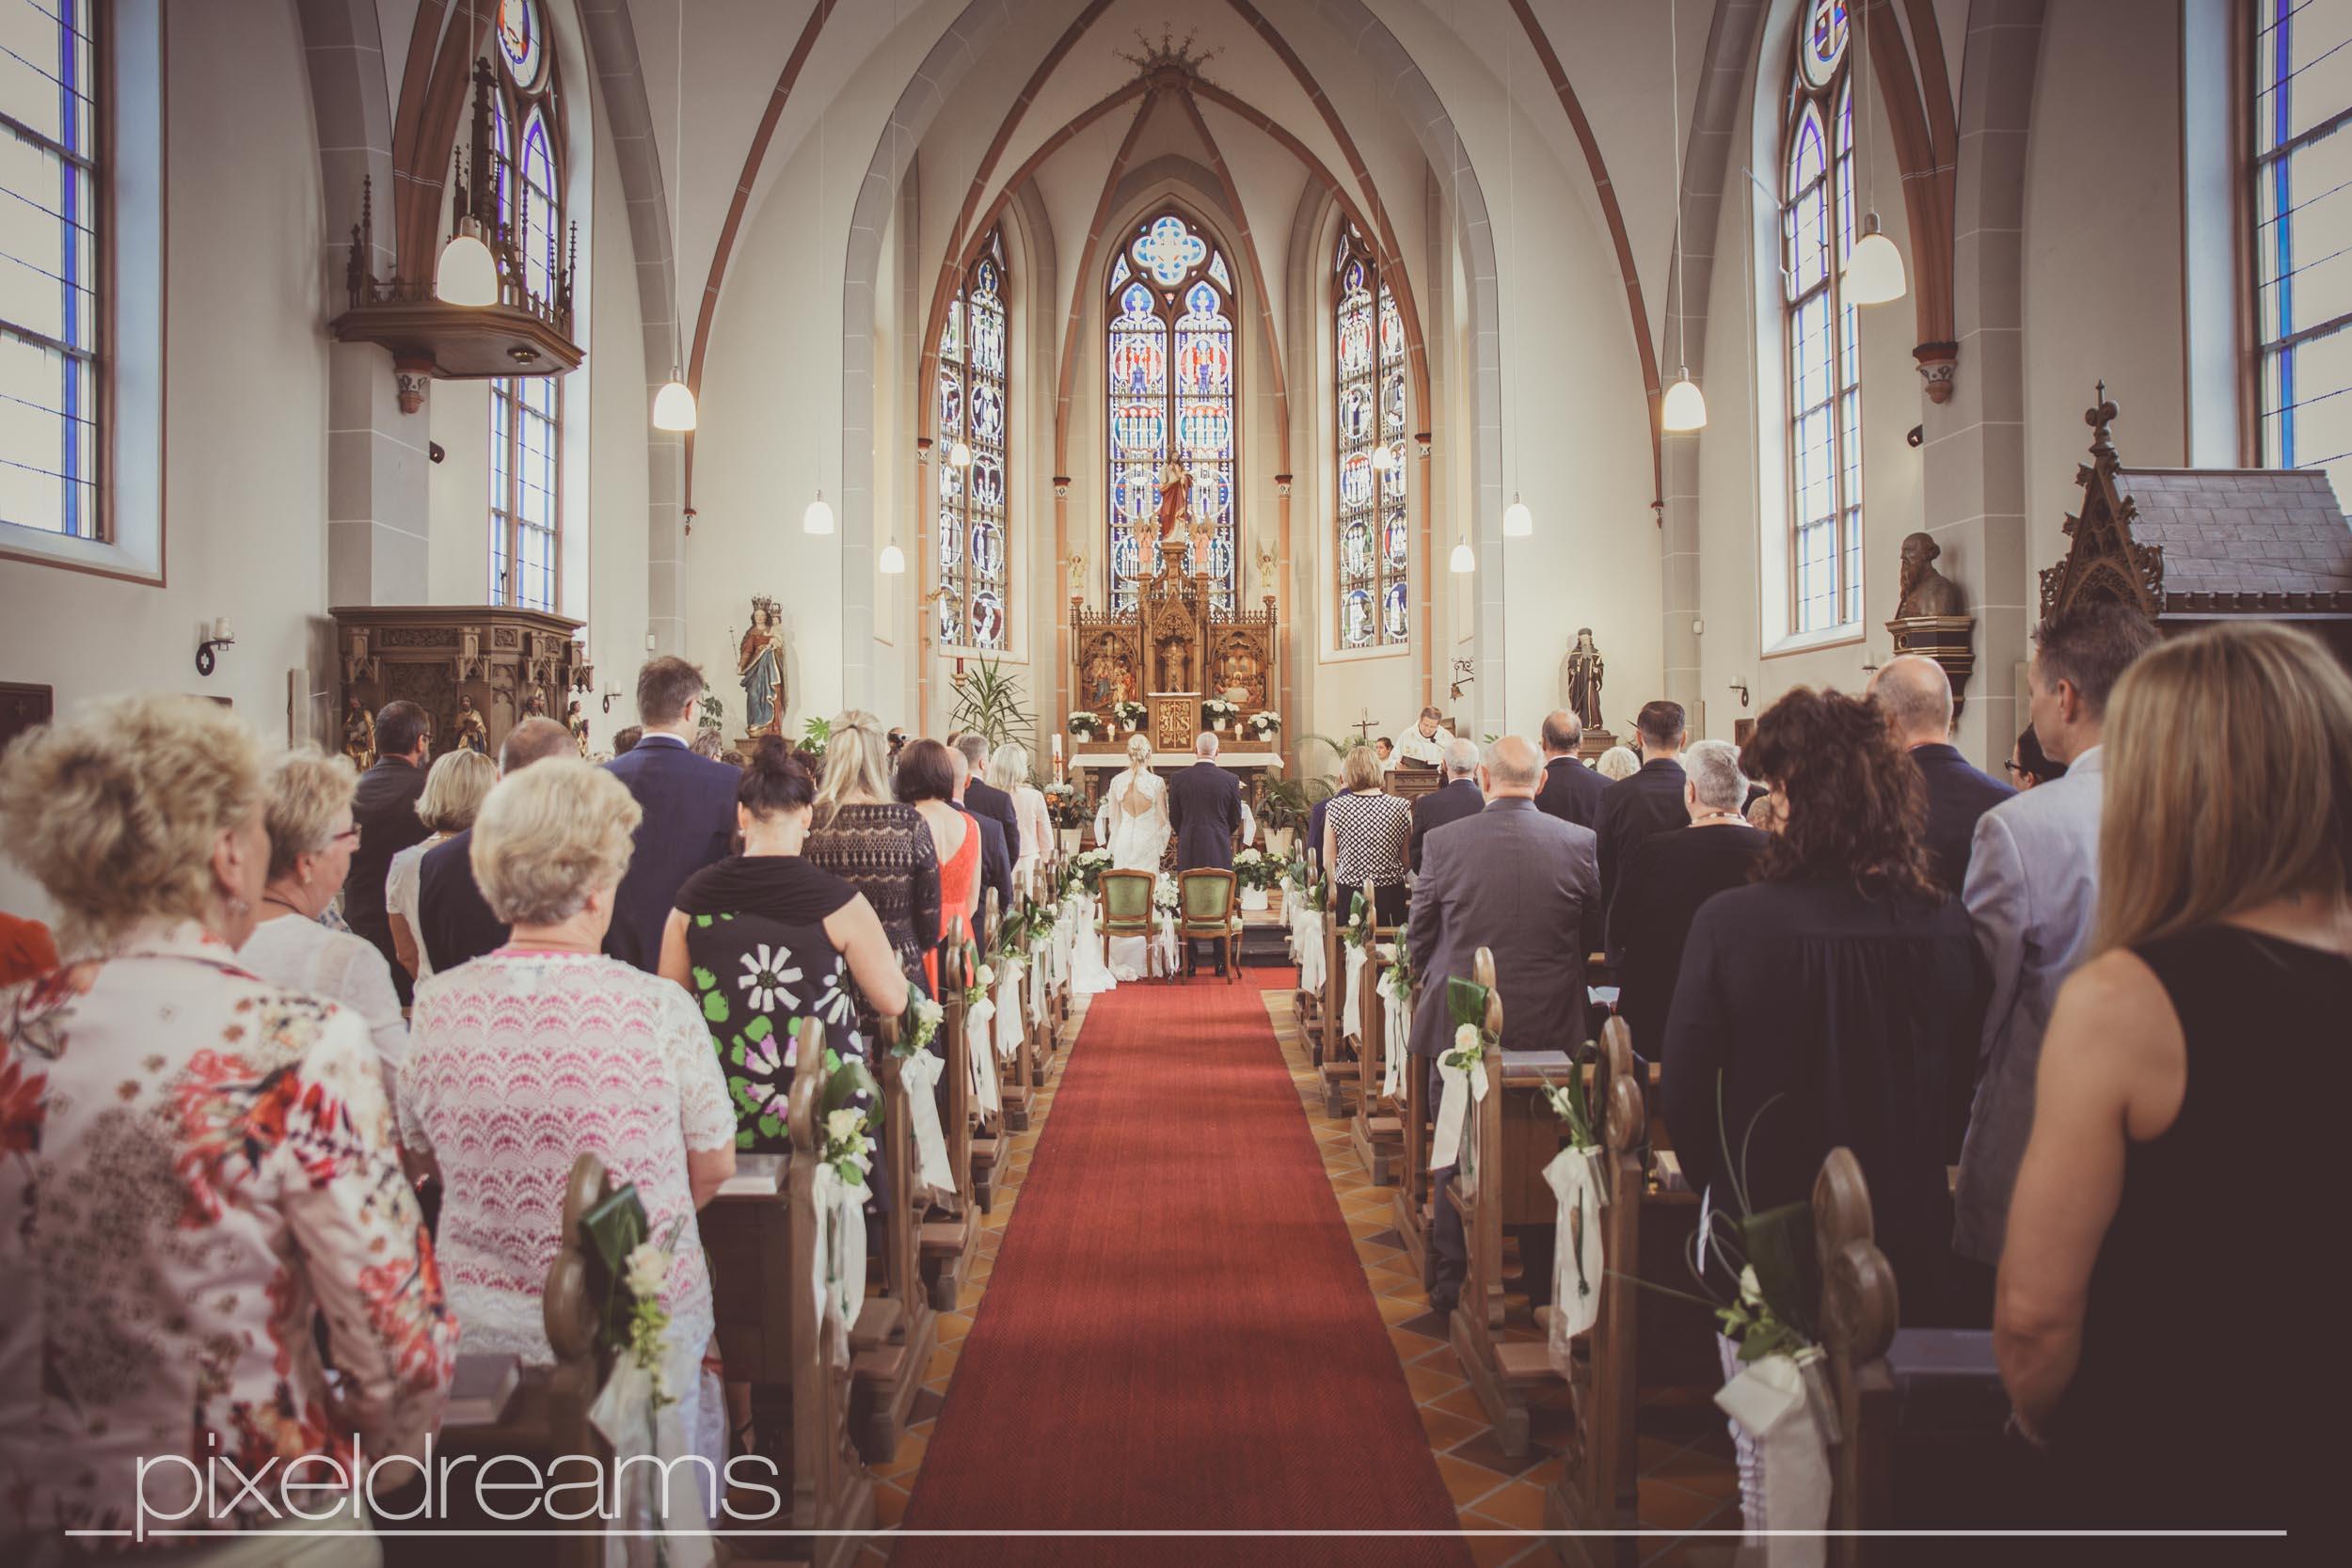 Hochzeitsfotograf Pixeldreams macht Hochzeitsfotos vom brautpaar in der St. Antonius Kirche in Swisttal.